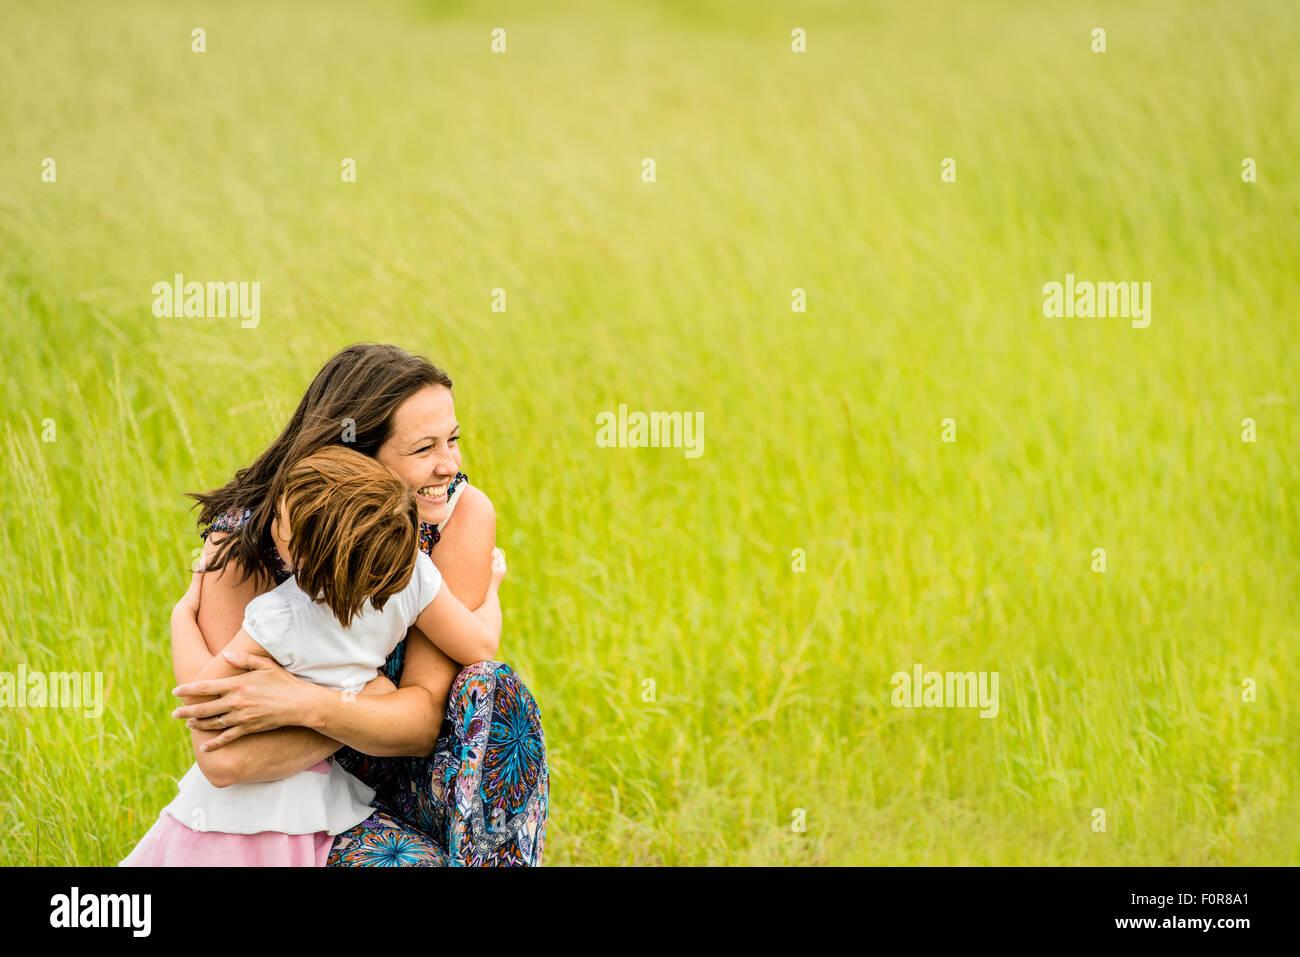 La madre y el niño son abrazos y abrazar en la naturaleza al aire libre Imagen De Stock